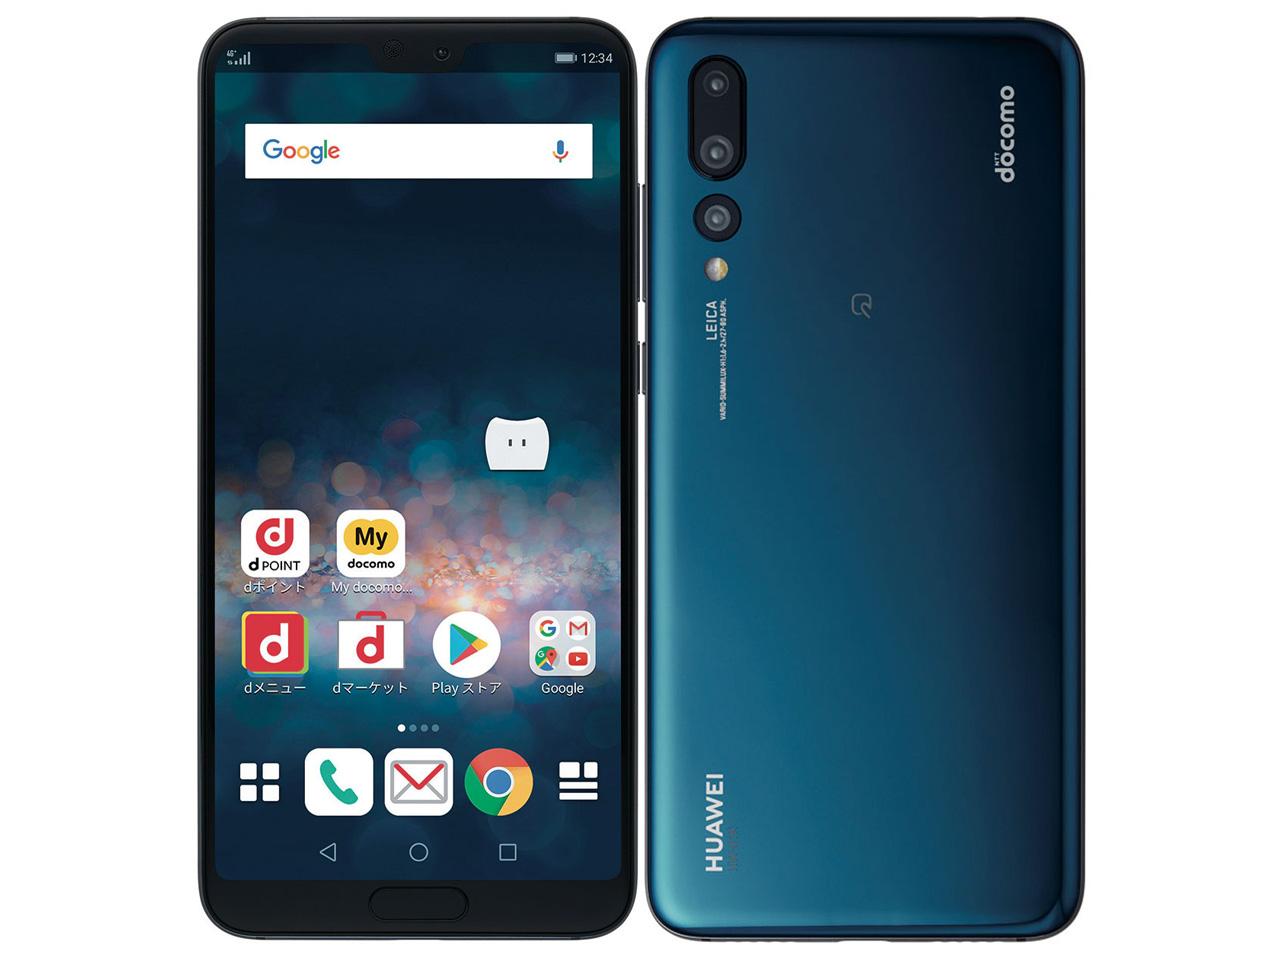 8470bf0d71 良くも悪くも今年の携帯業界を賑わせたのがHuawei。Androidスマートフォンの王者サムスン電子とiPhone のAppleを追い上げ、現在は世界シェア2位と荒ぶっています。